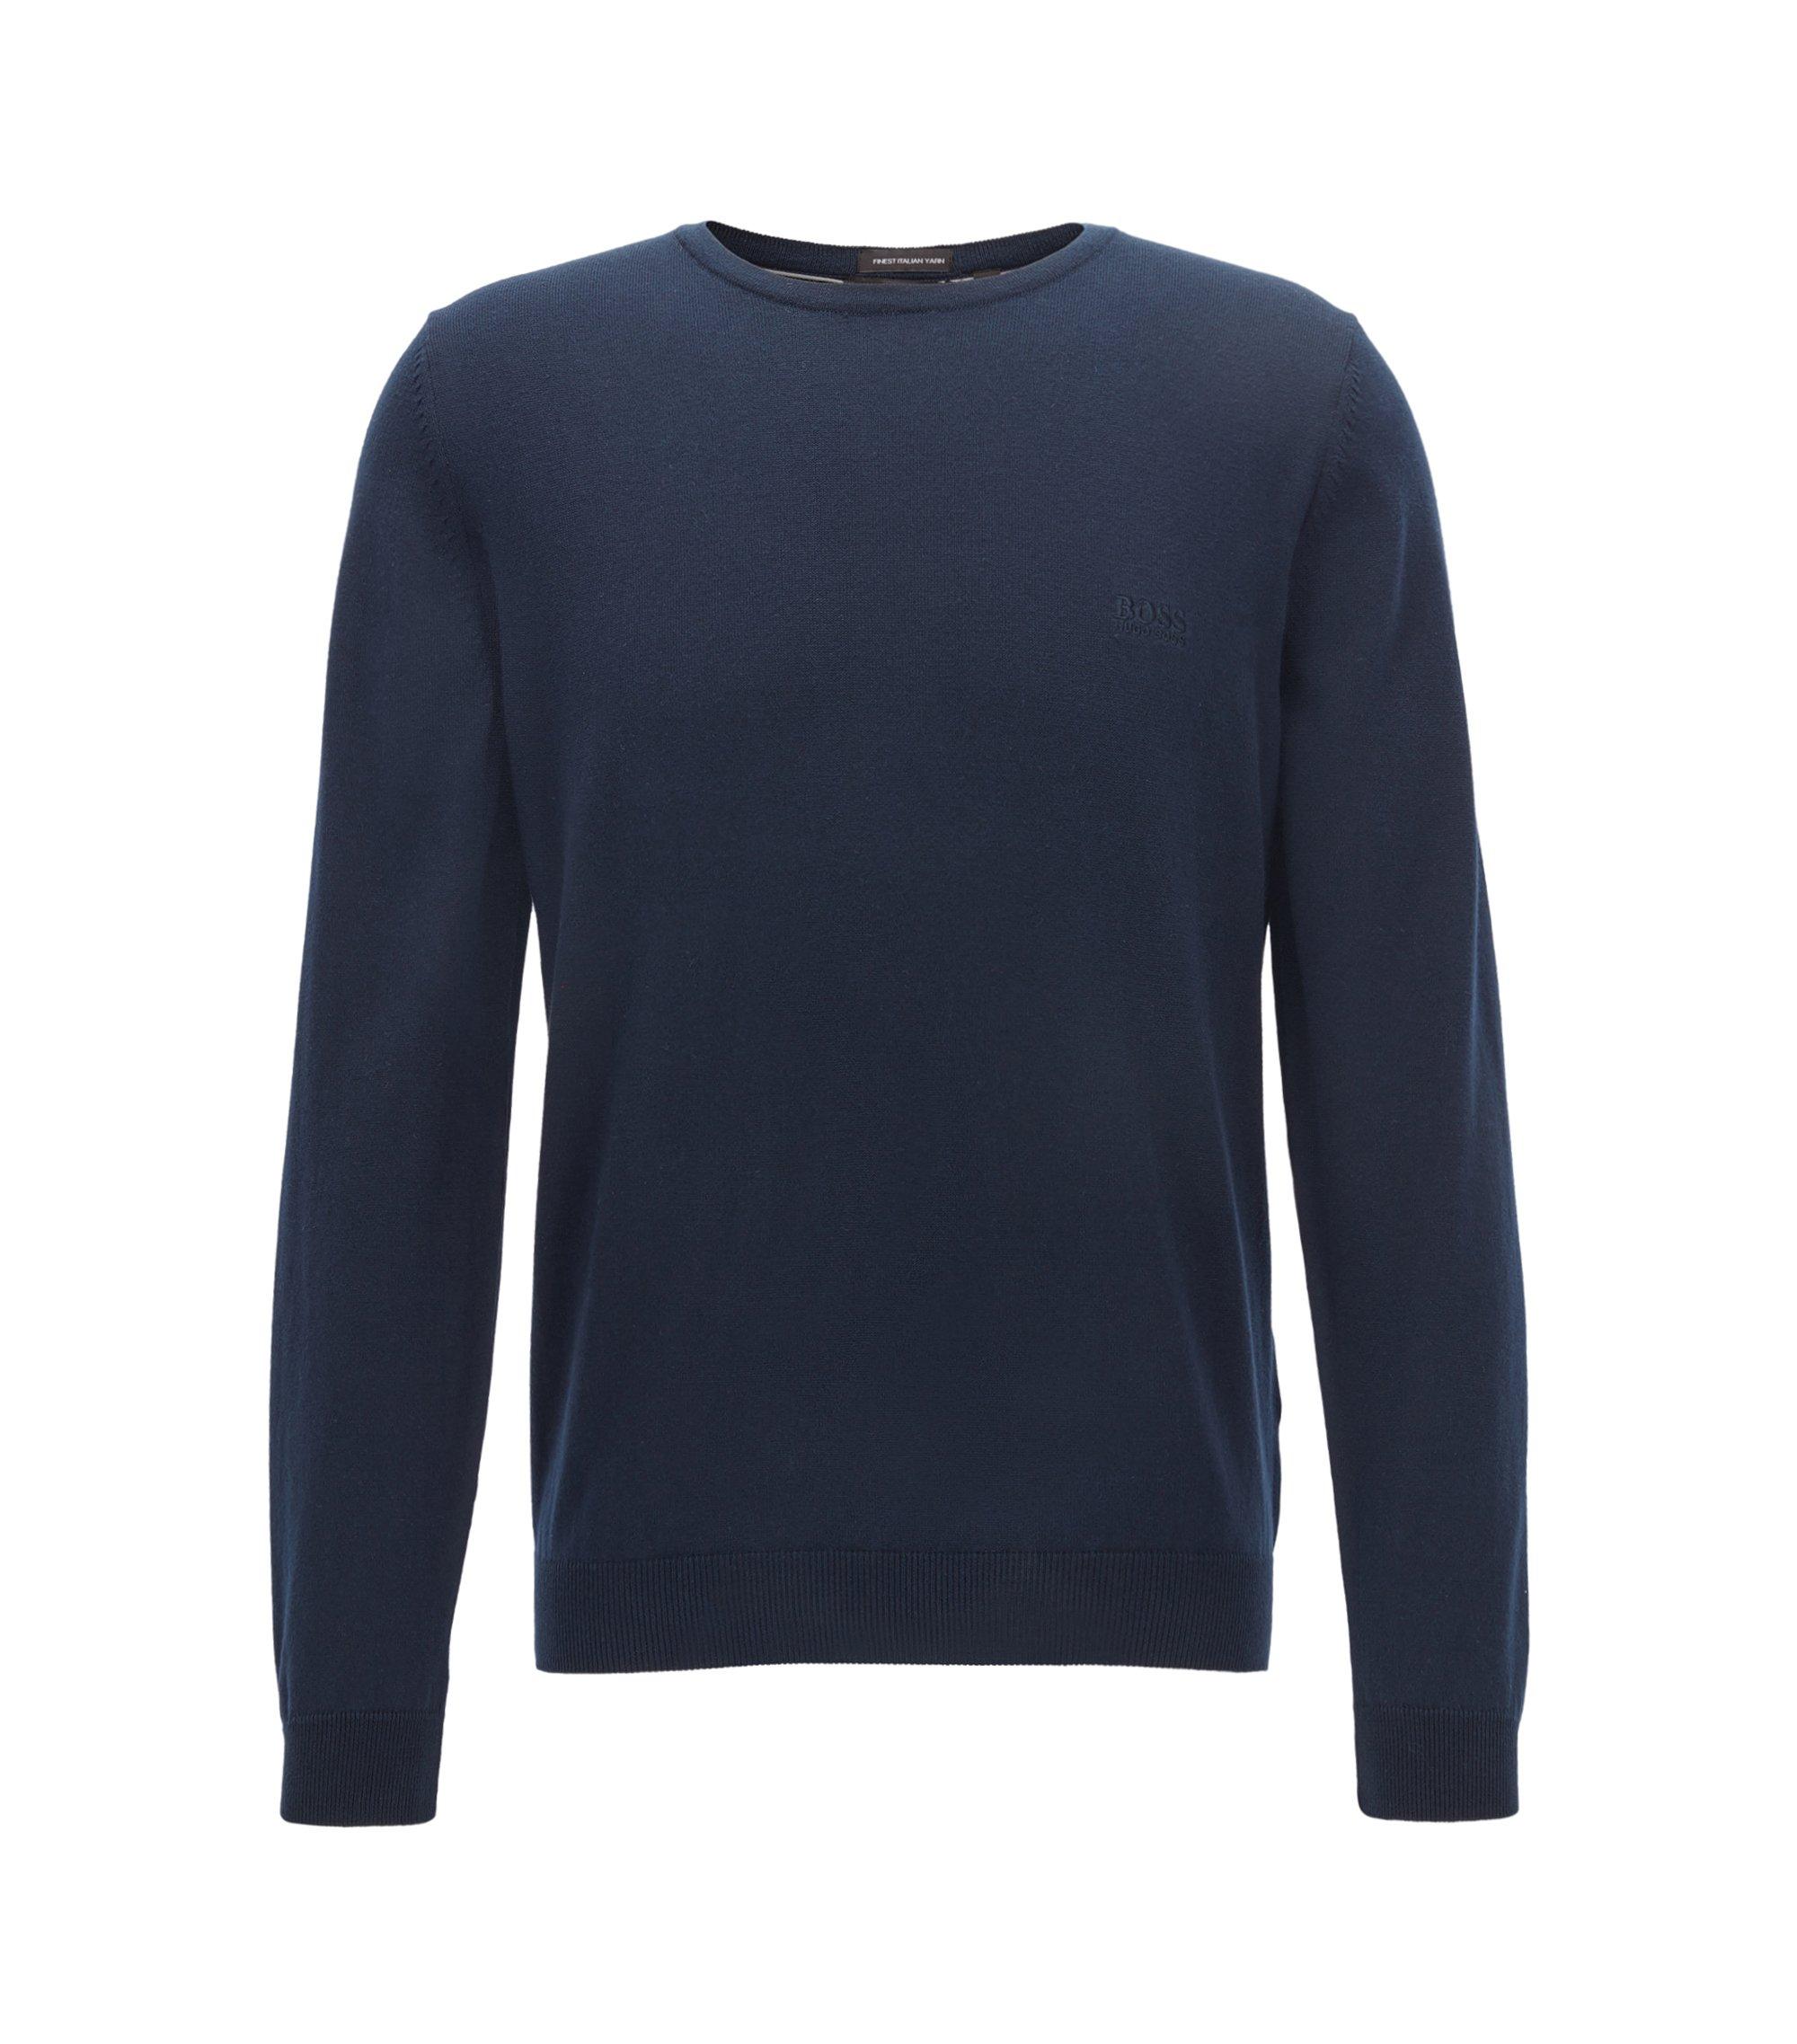 Pull à col ras-du-cou en coton avec logo brodé, Bleu foncé